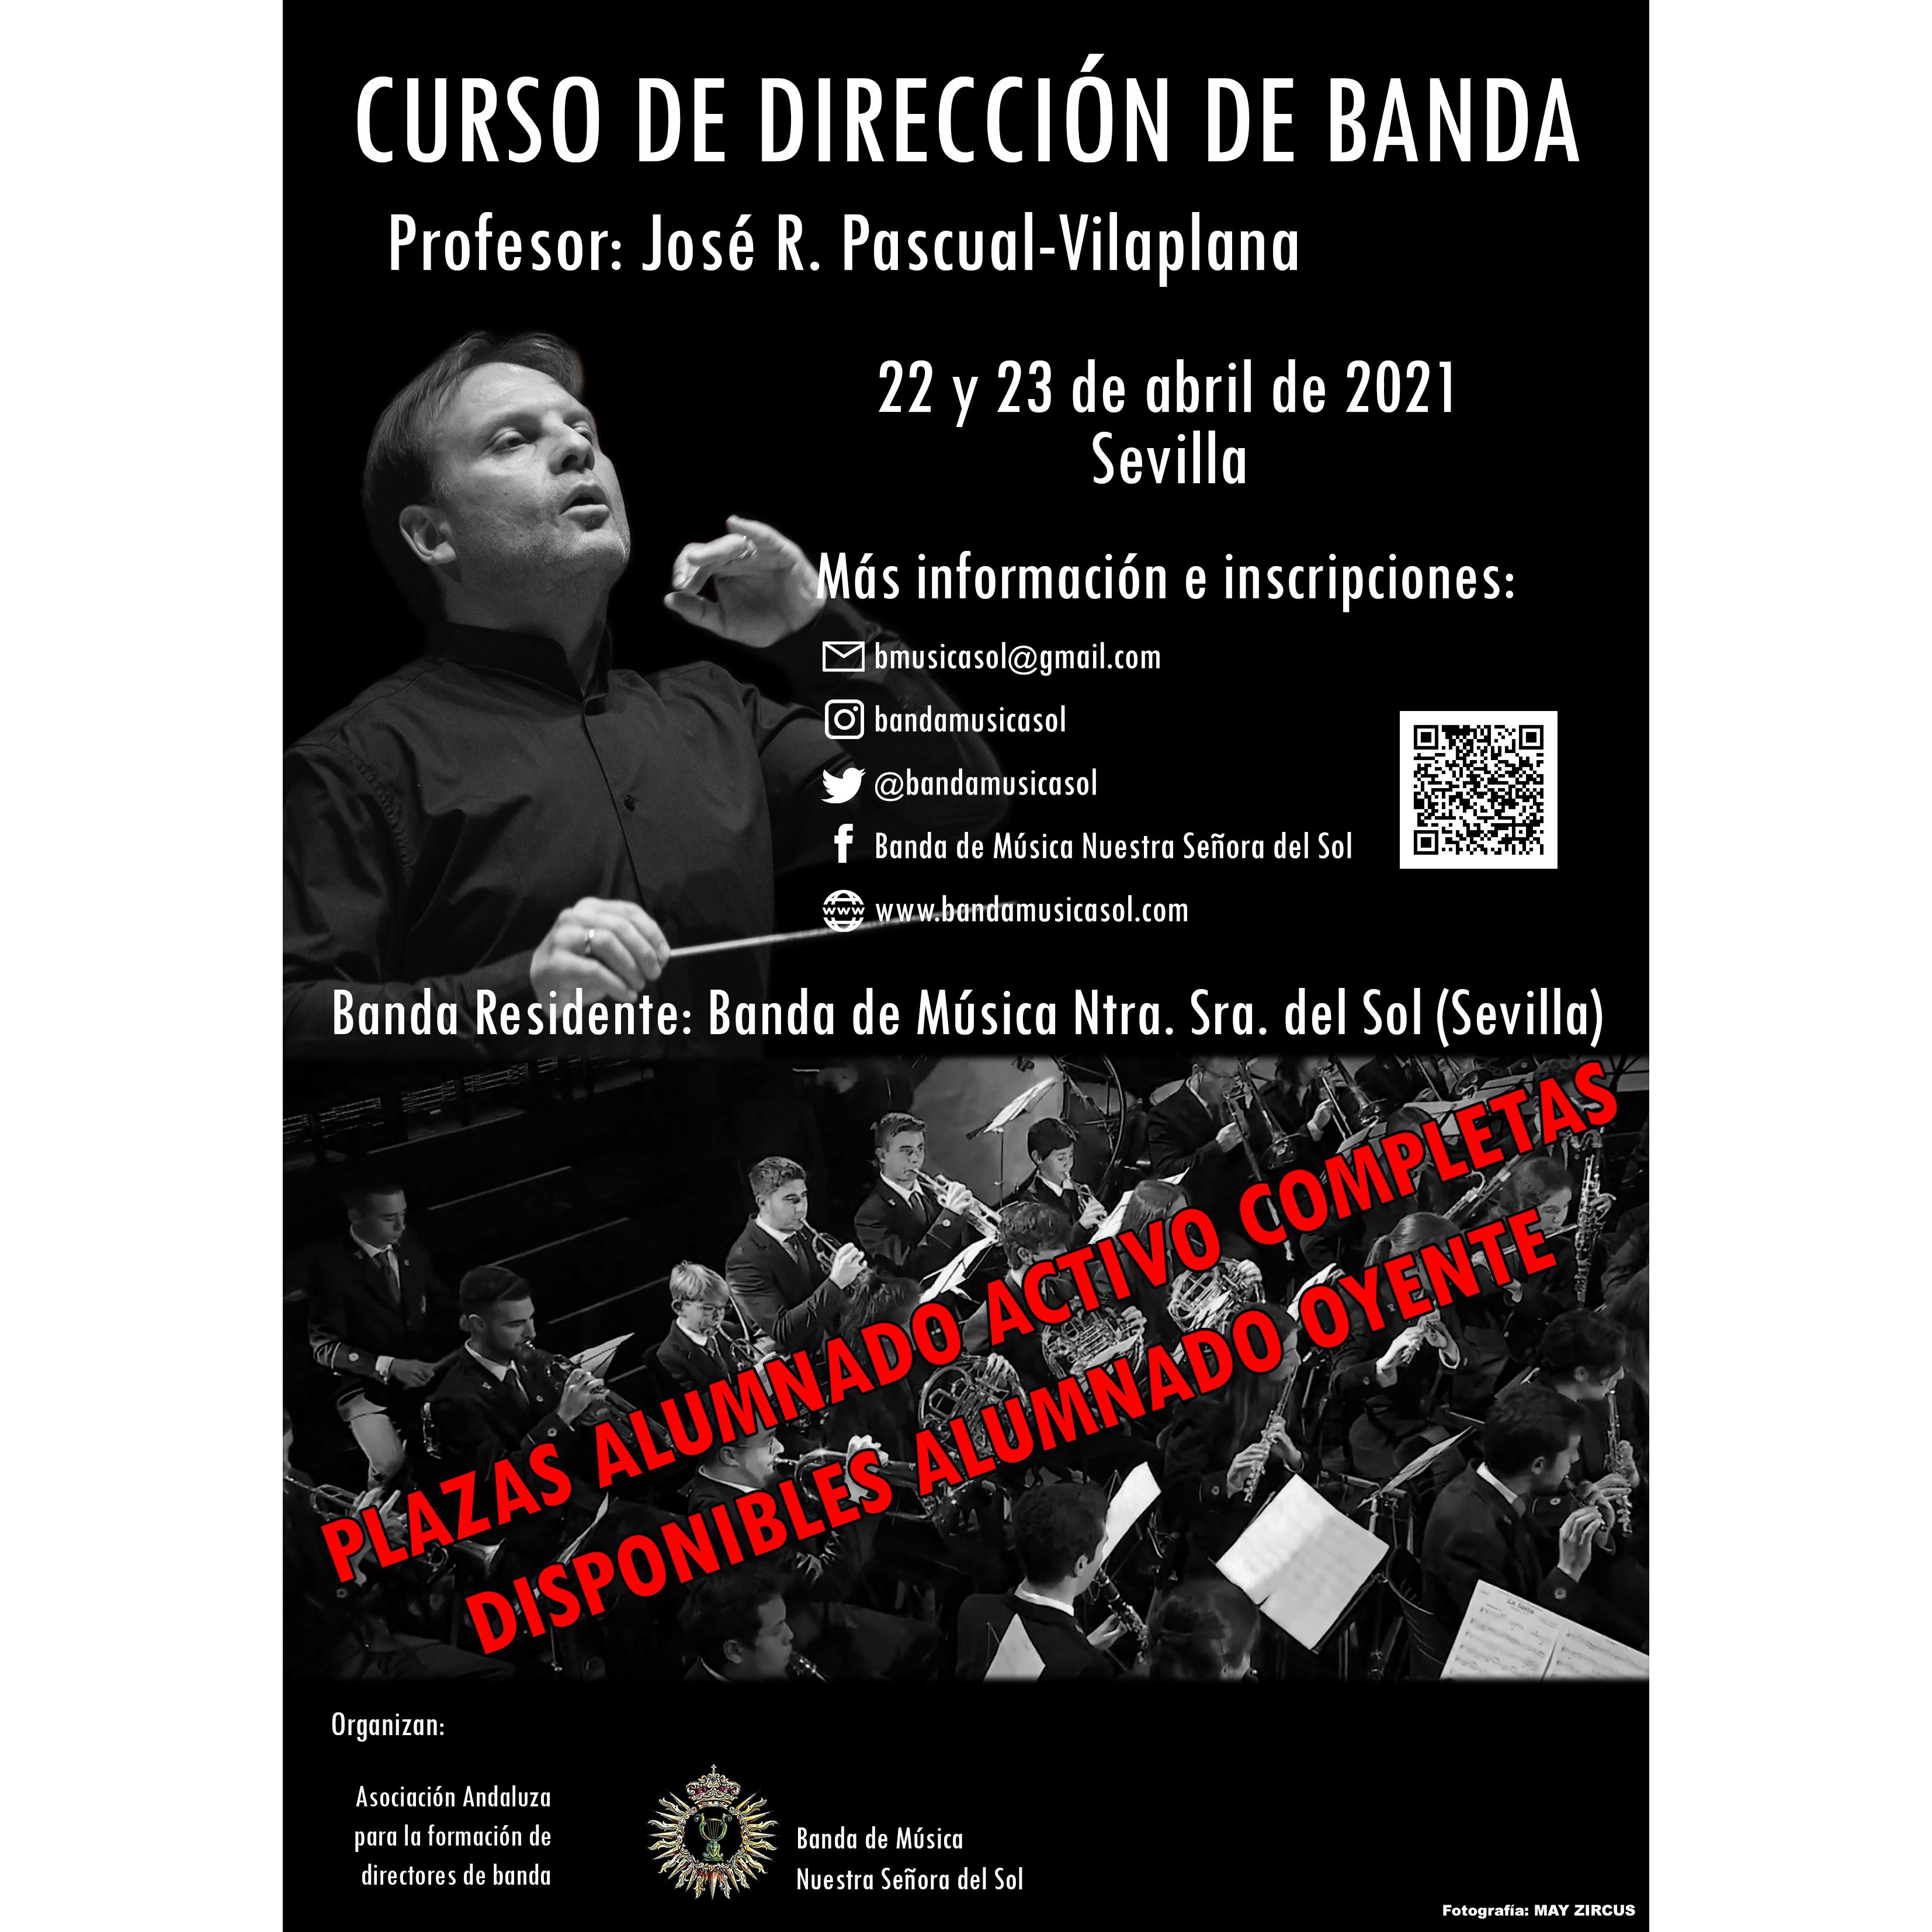 Curso de Dirección de Banda · José R. Pascual-Vilaplana